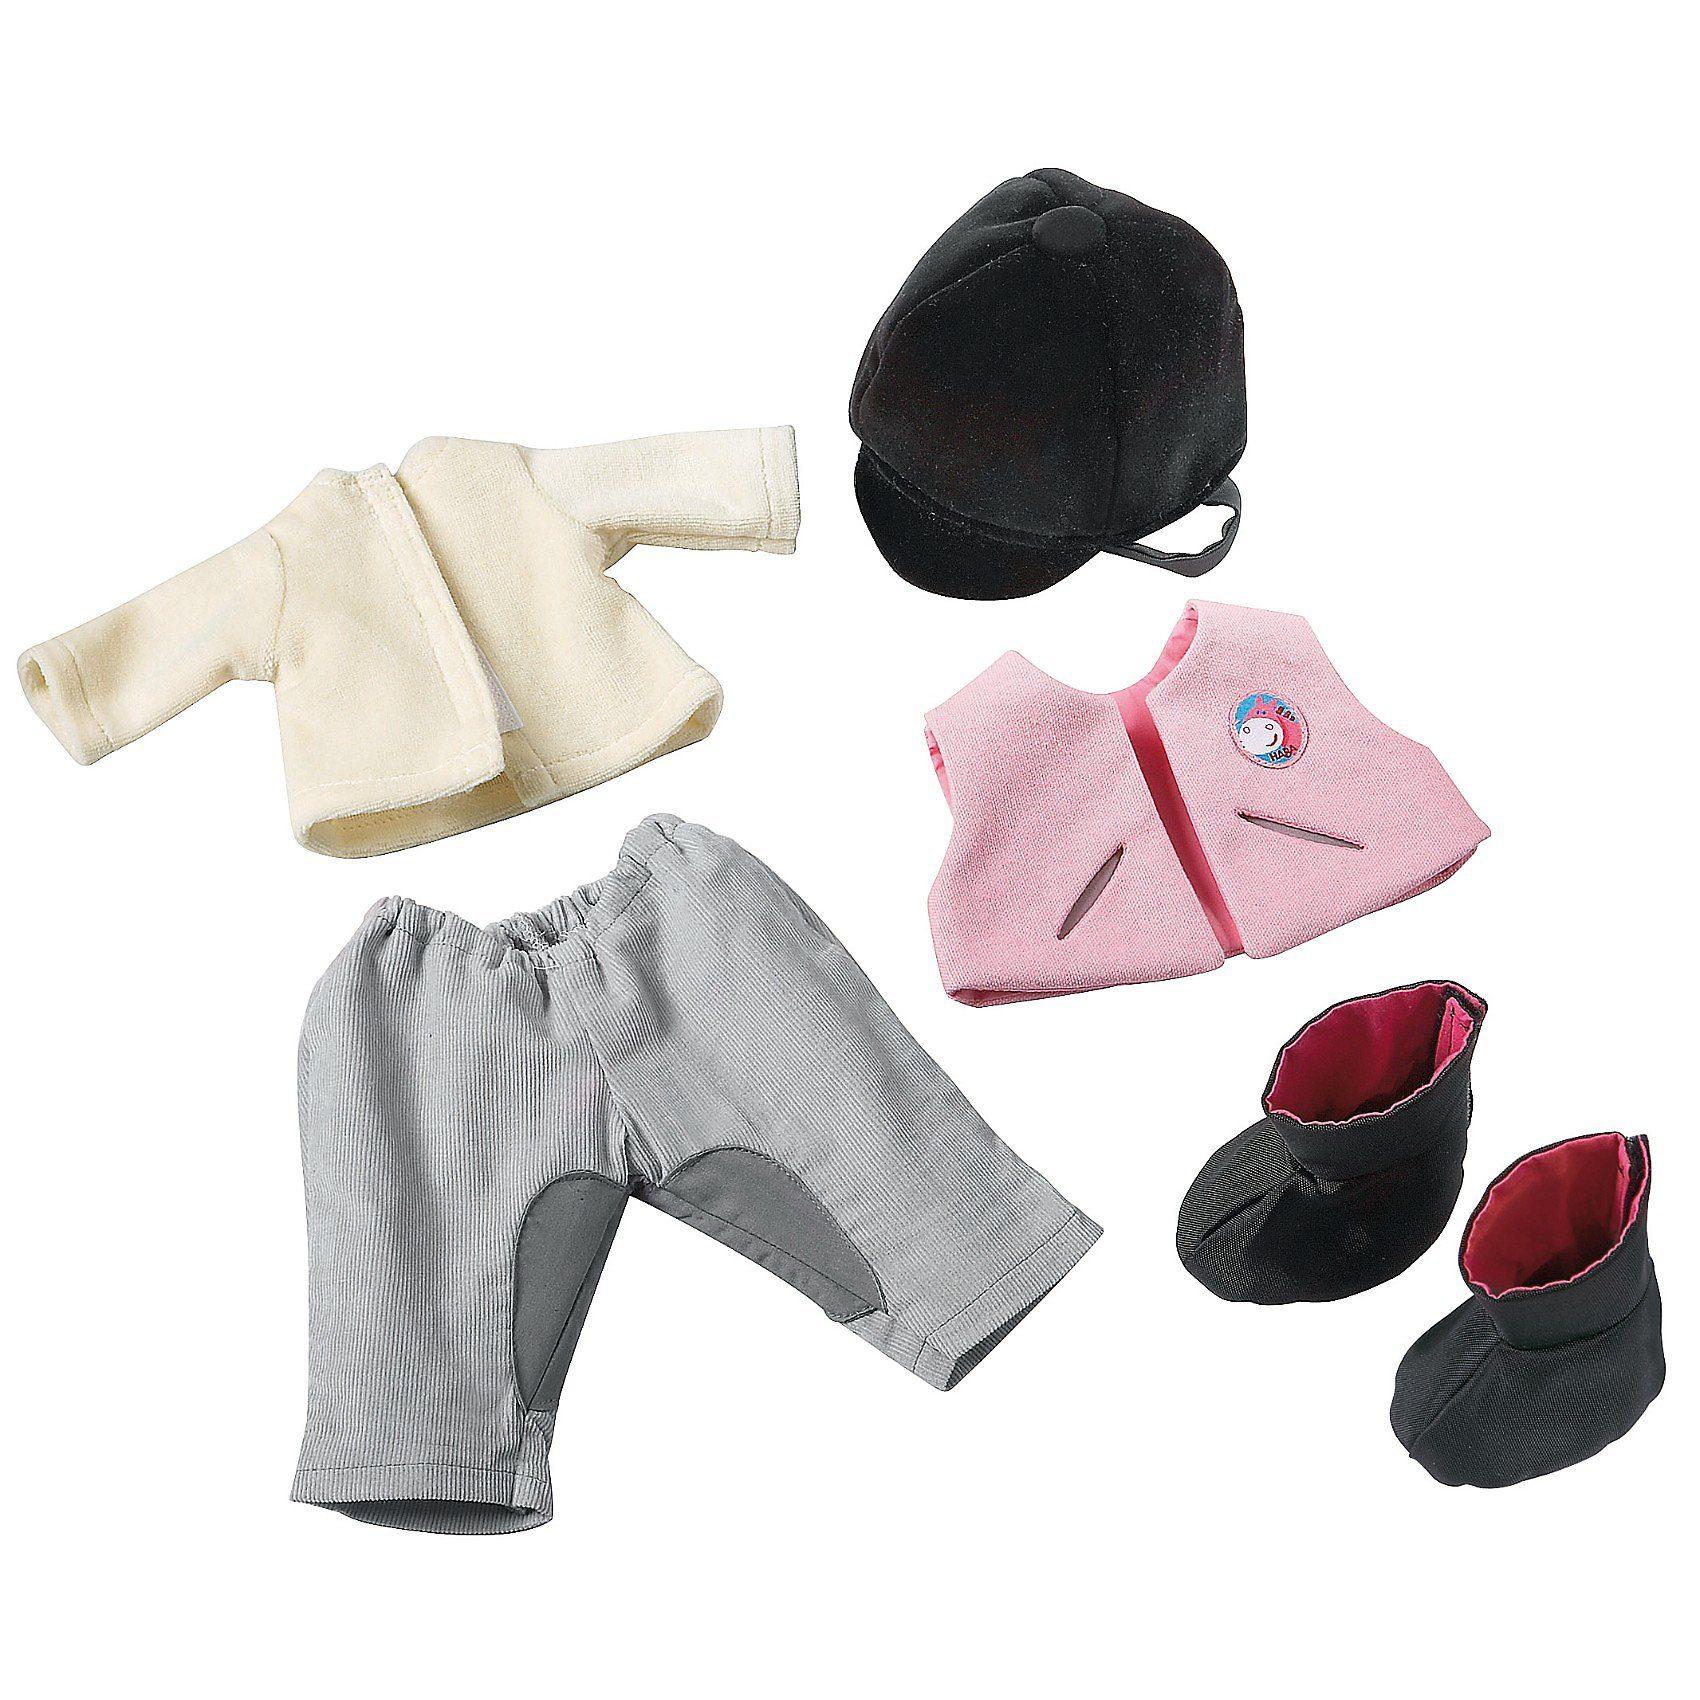 Haba 3762 Puppenkleidung Kleiderset Reiten, 38 cm